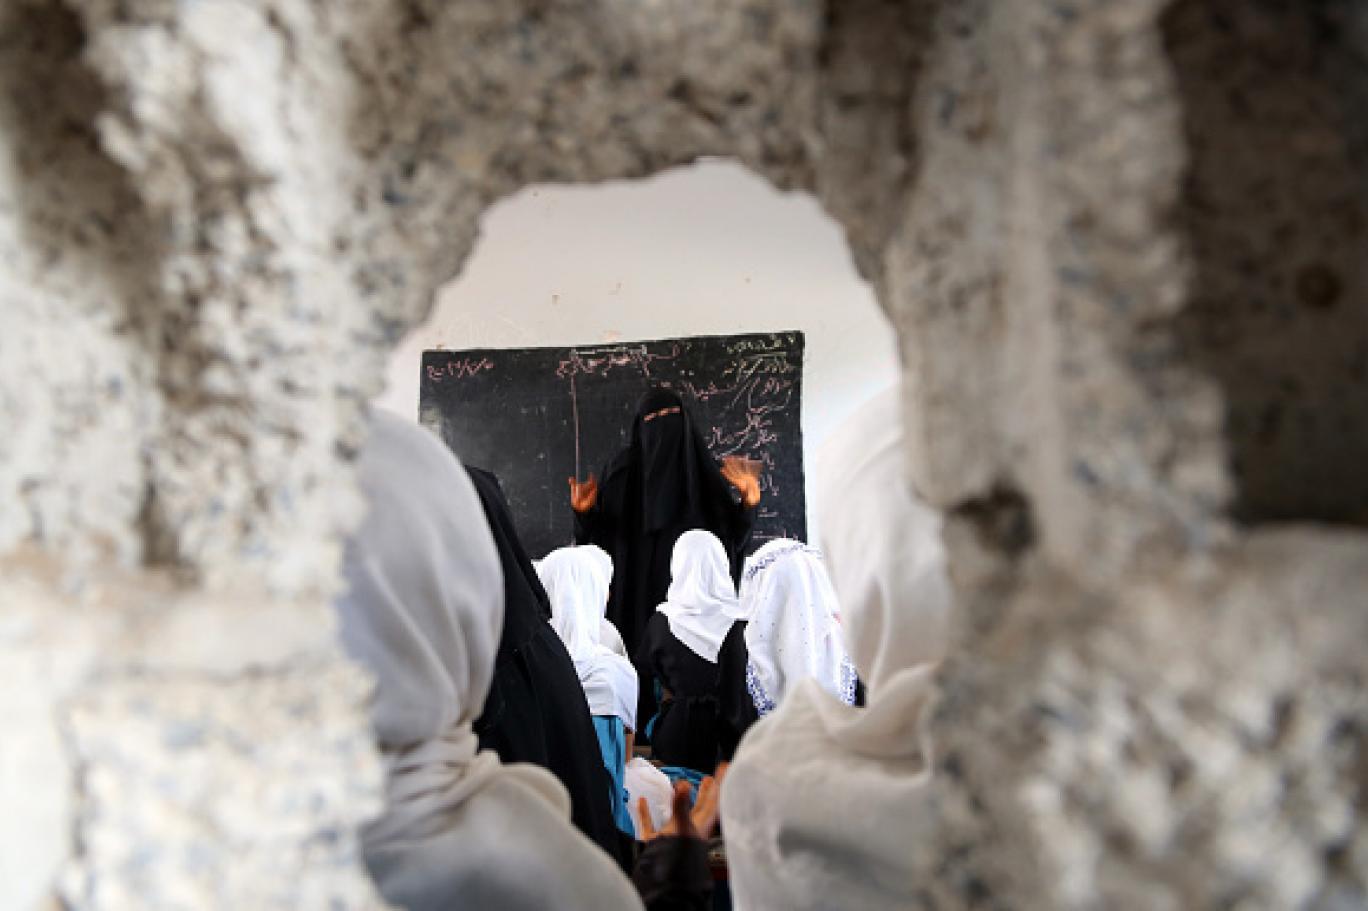 قطاع التعليم في اليمن يقف على حافة الانهيار